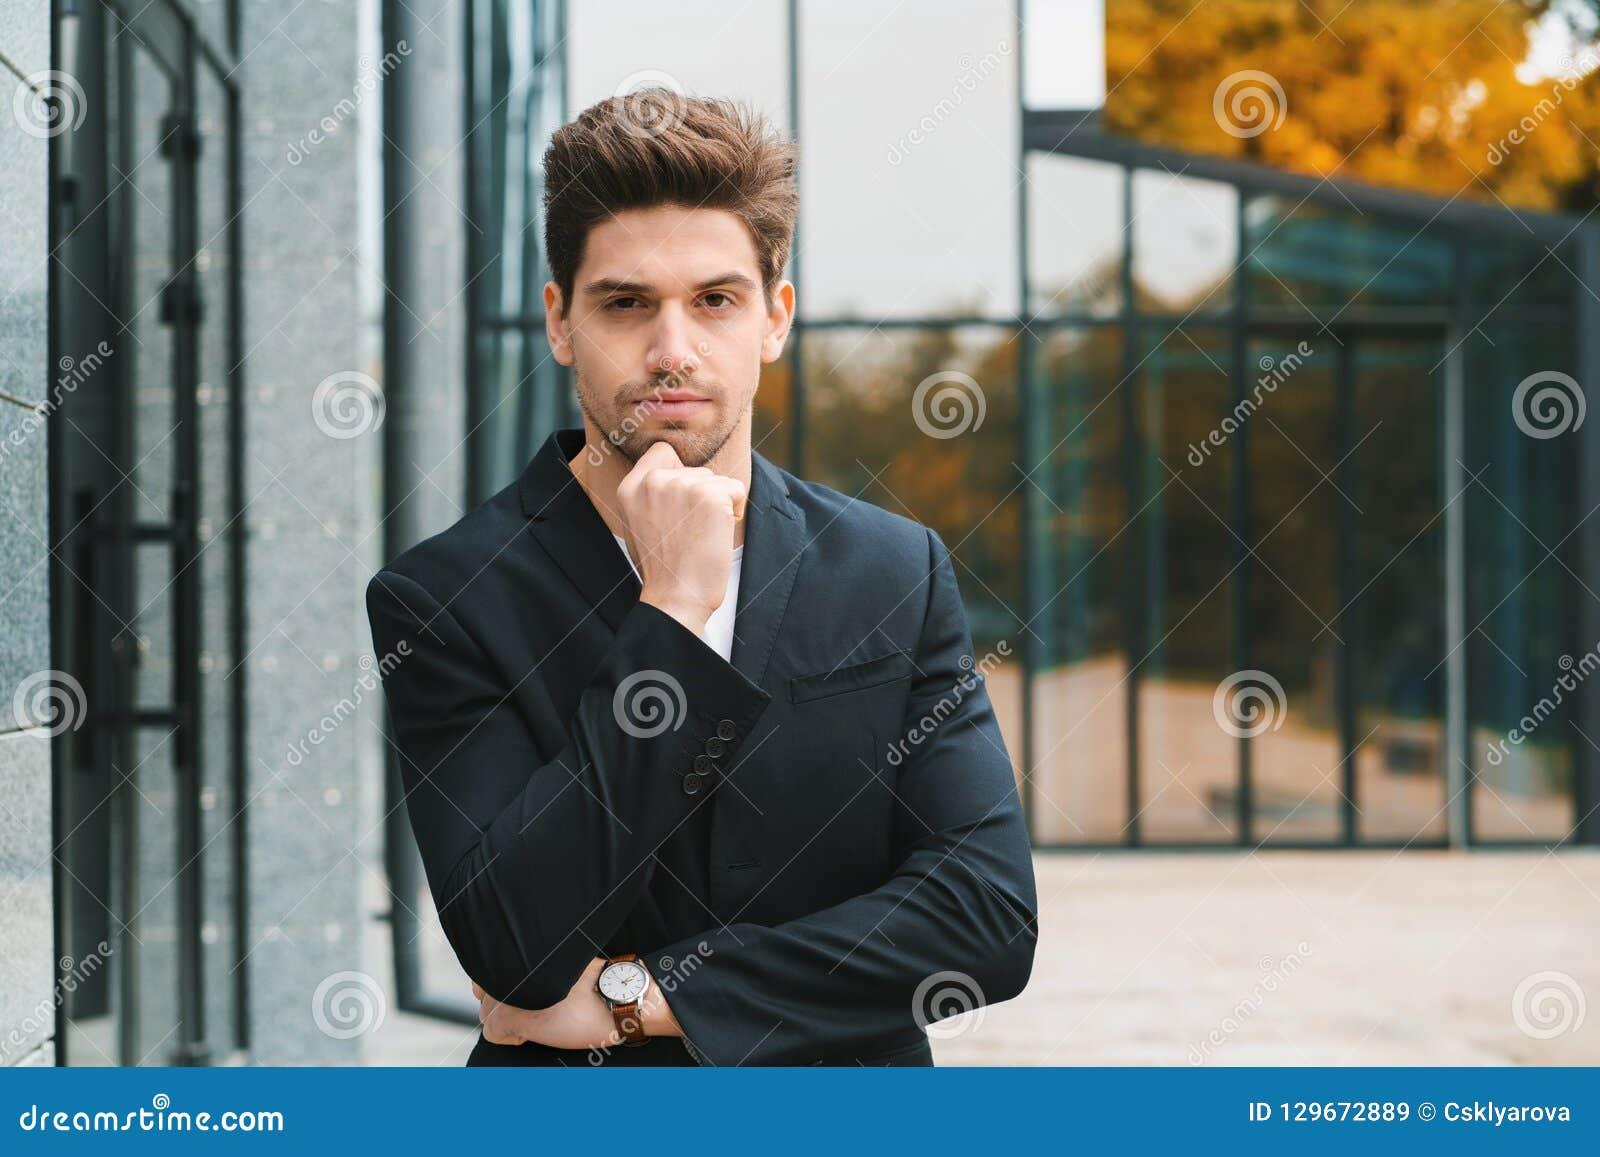 Портрет молодого успешного задумчивого бизнесмена в городе Человек в куртке дела на предпосылке офисного здания красиво